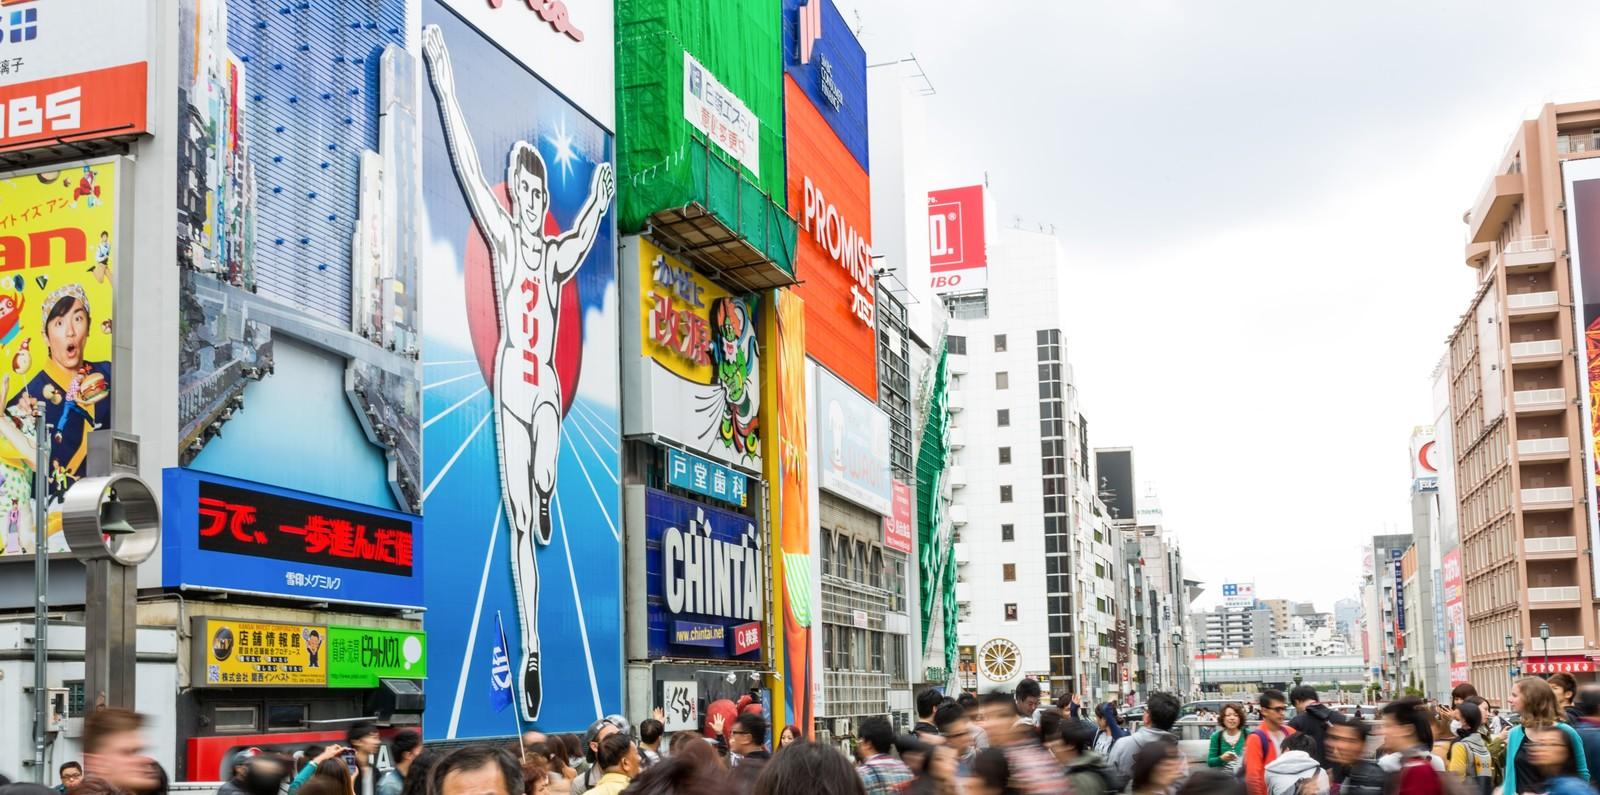 大阪でランチの後占いへ Photo By ぱくたそ